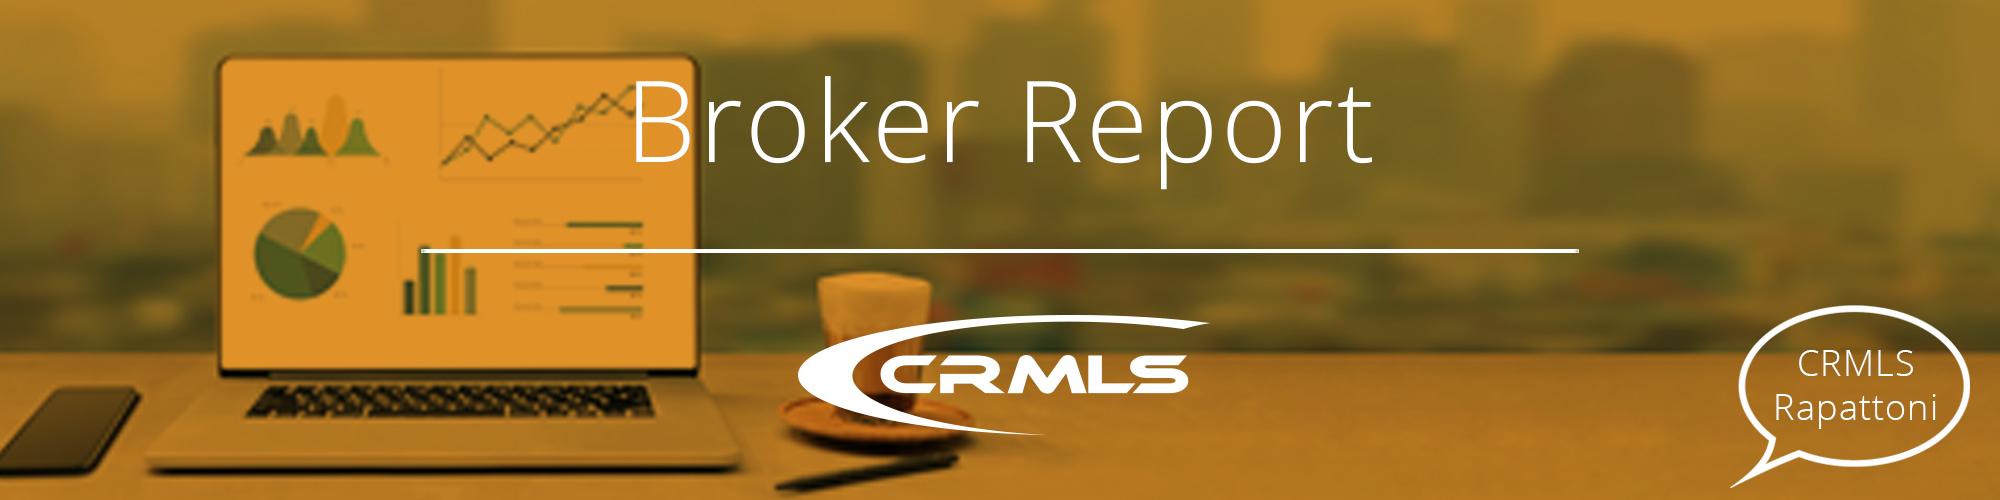 CRMLS Rapattoni Broker Report: September 2021 Edition